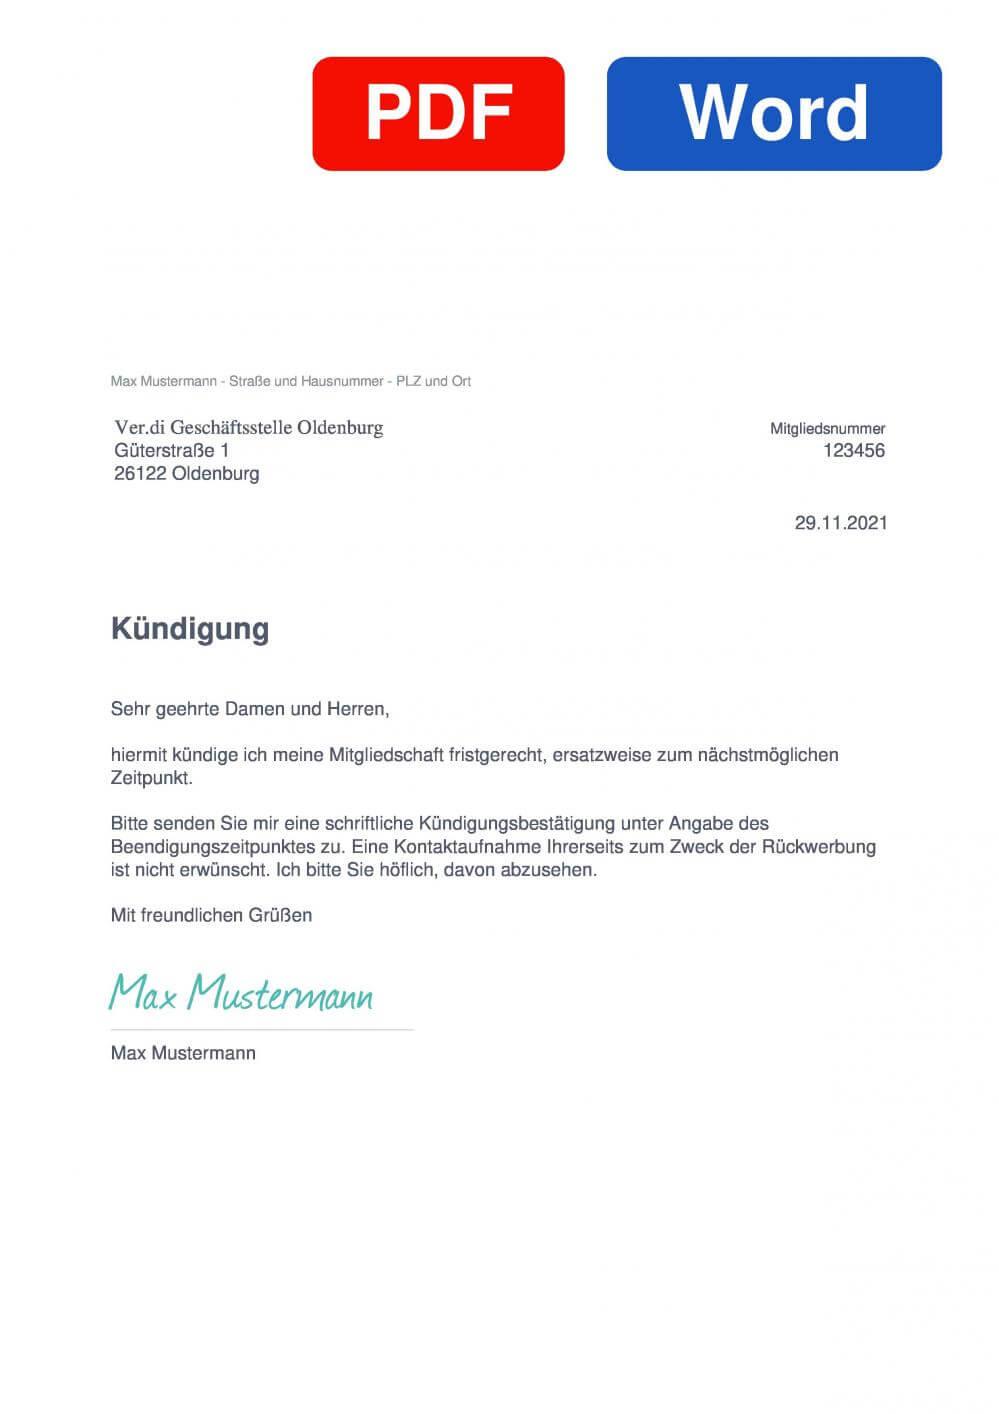 Verdi Oldenburg Muster Vorlage für Kündigungsschreiben